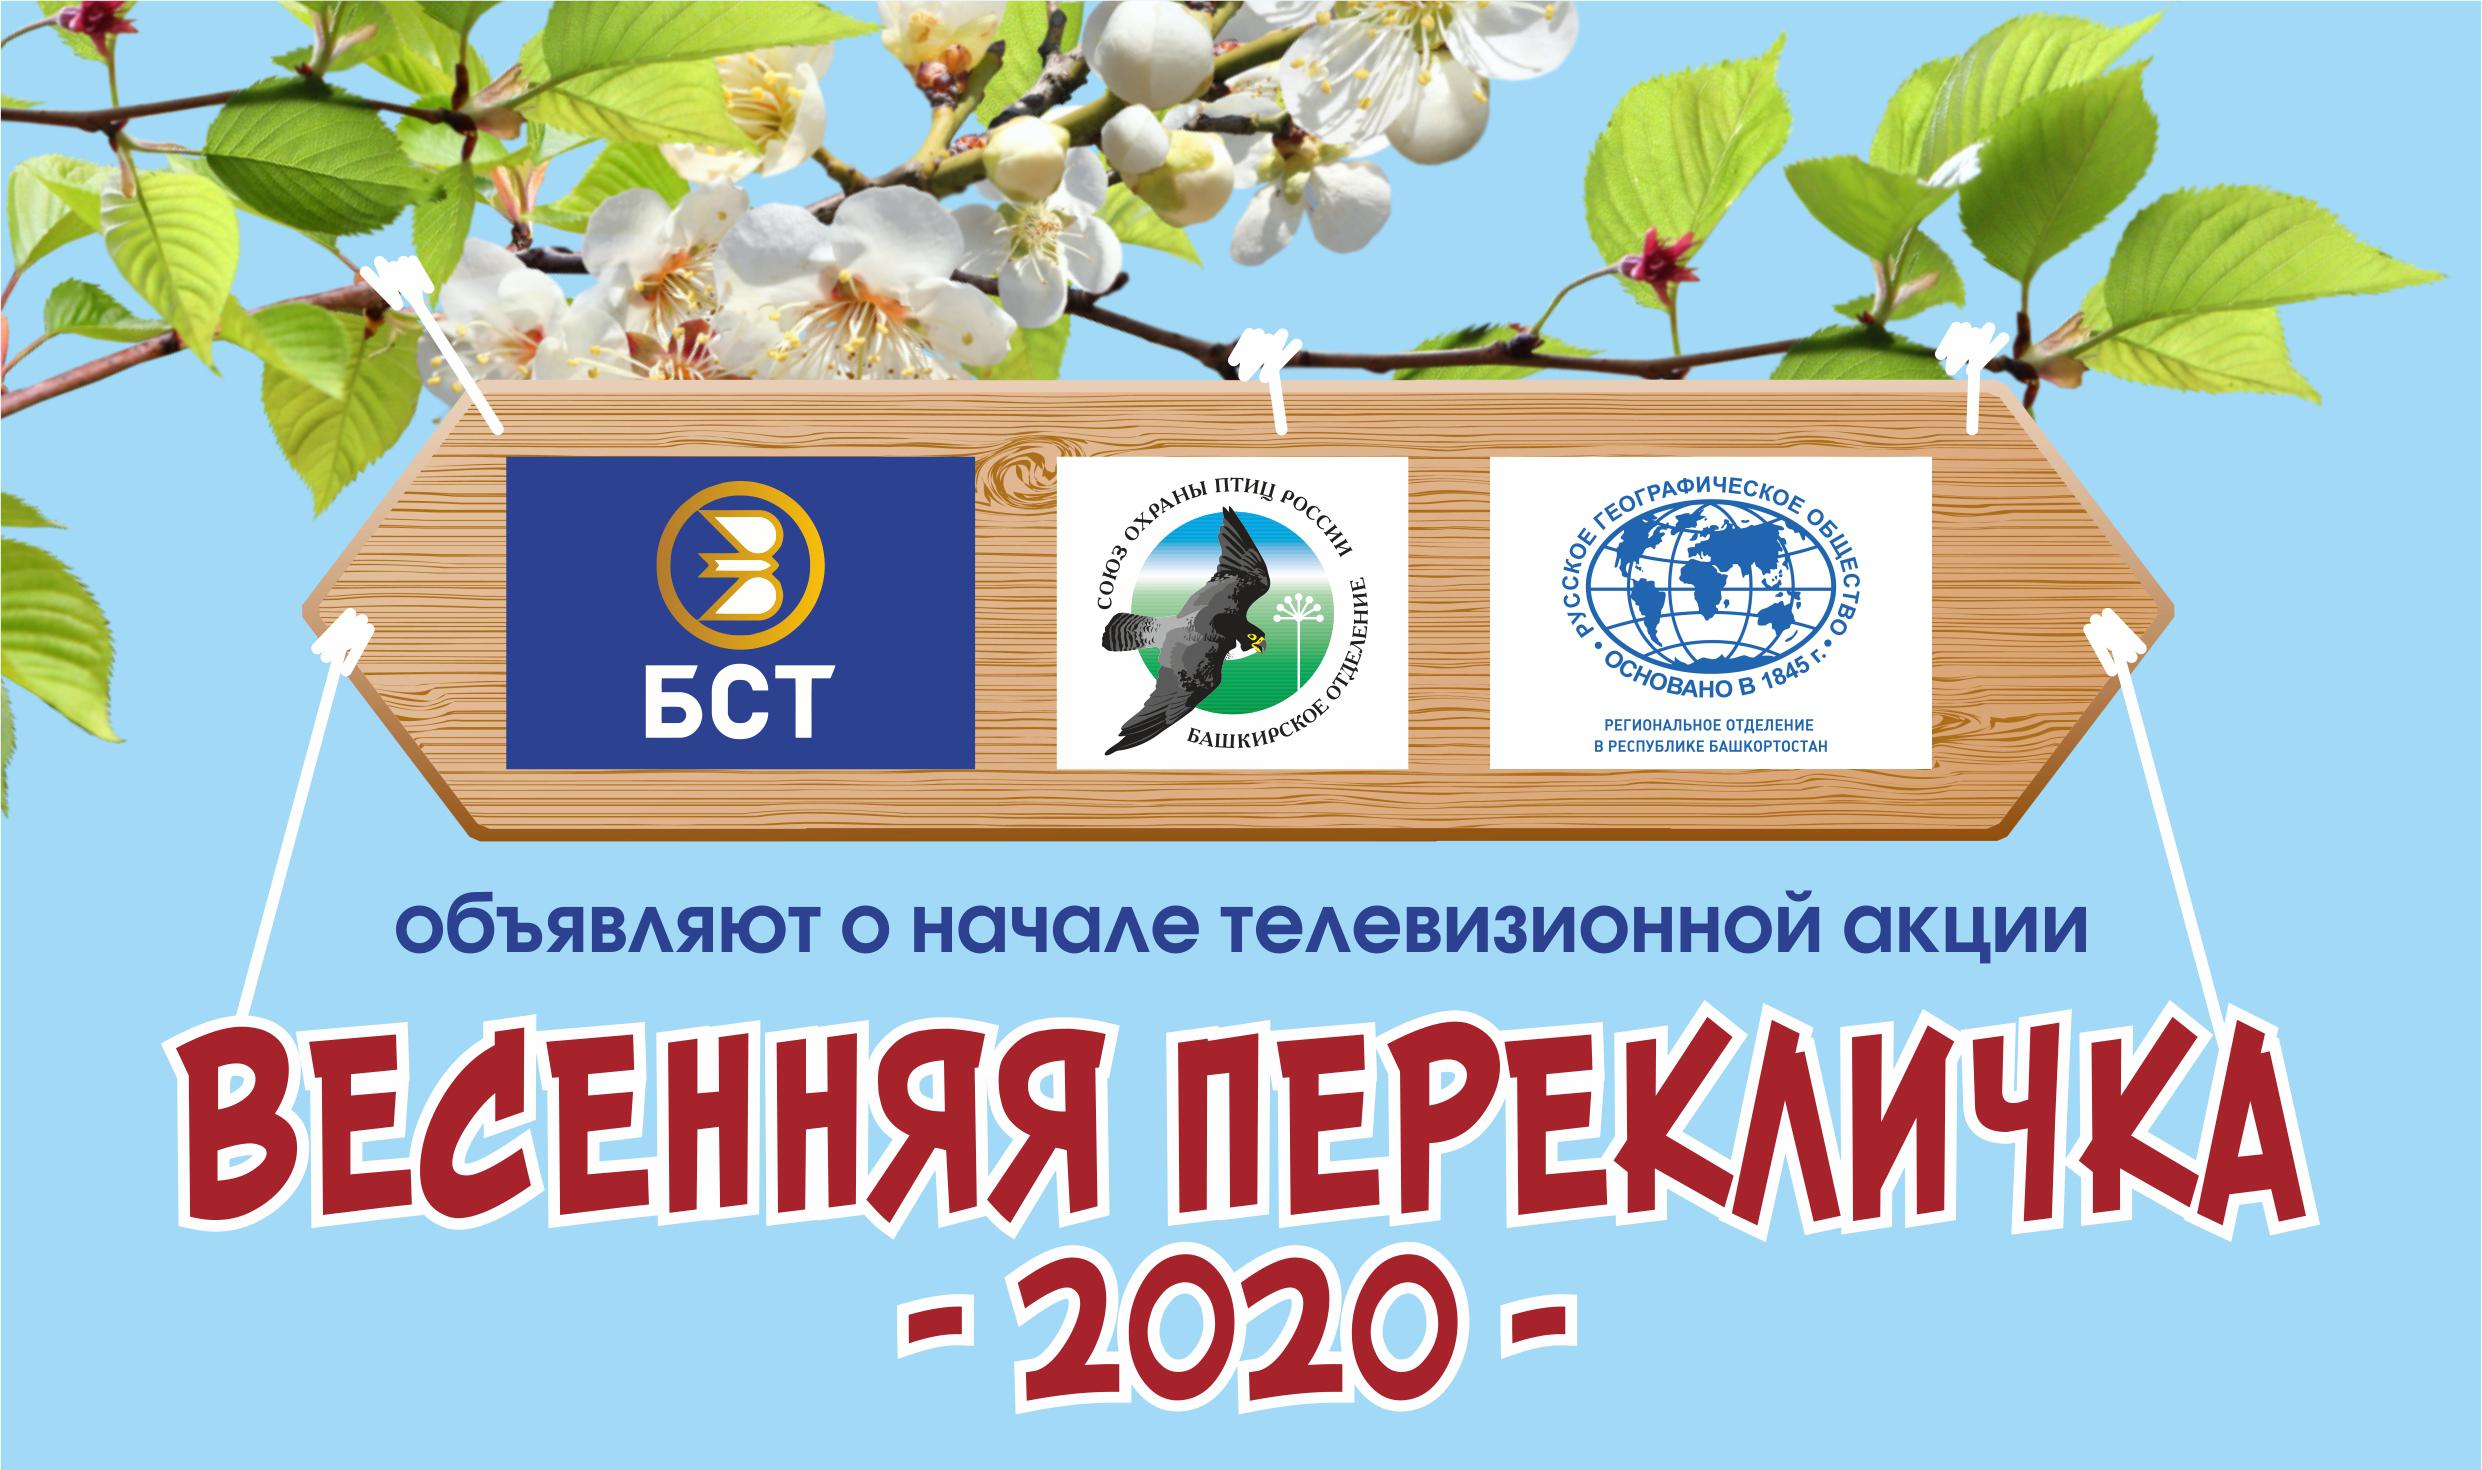 Телевизионная акция «Весенняя перекличка-2020» в Республике Башкортостан